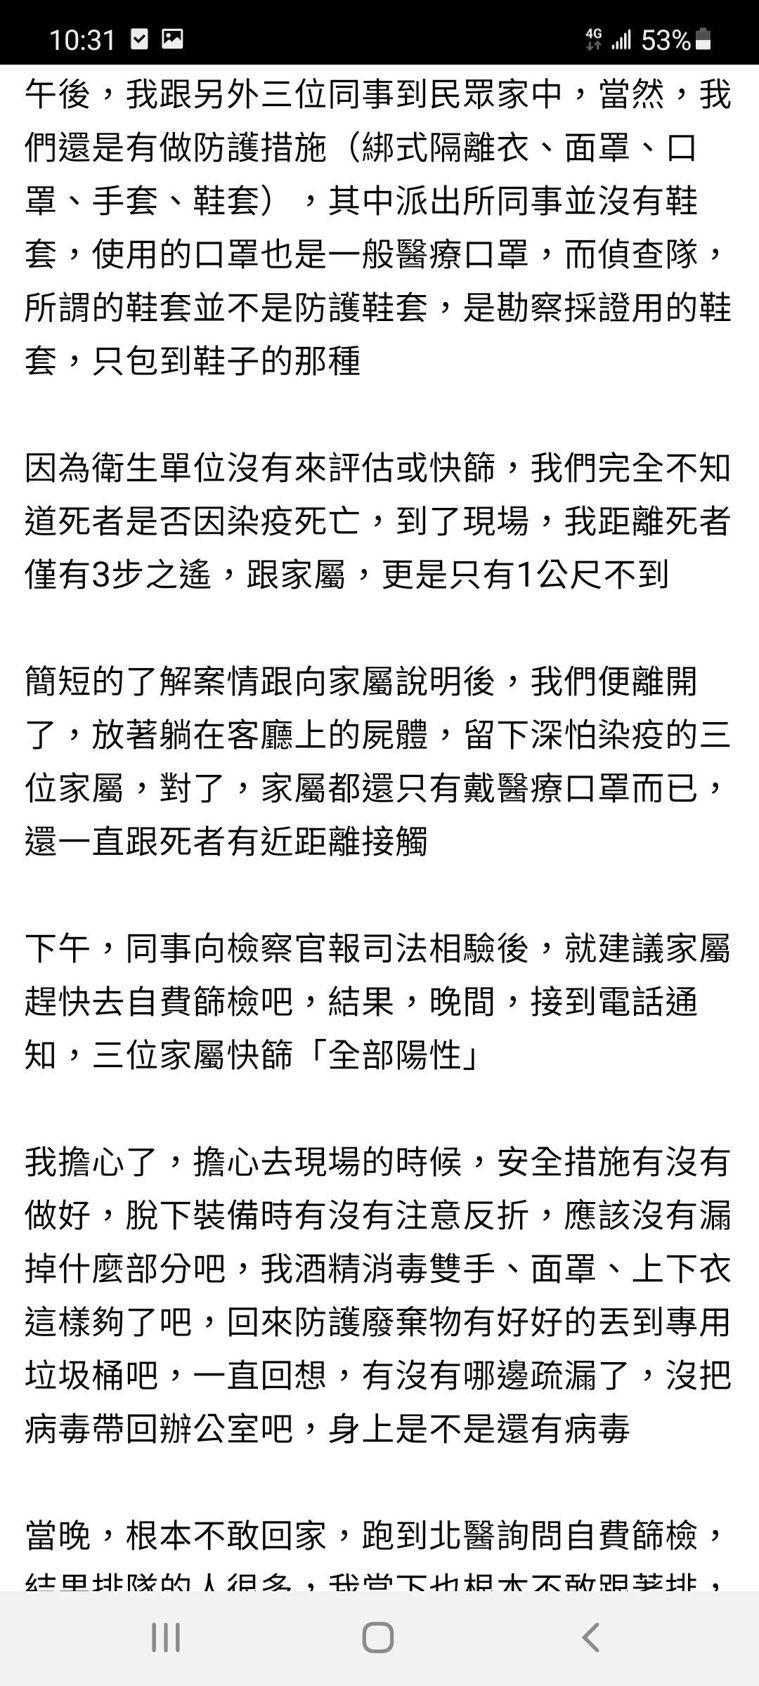 台北市一名8旬老翁在家死亡,疑有新冠肺炎症狀,衛生單位卻不到場行政相驗,處理案件...